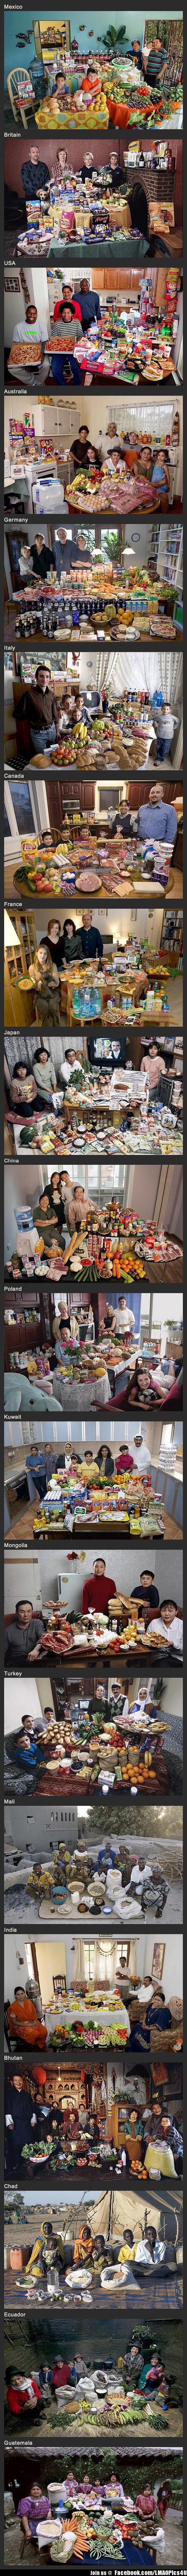 Una semana de compras para comer, en diferentes paises del mundo. Interesante comparar;